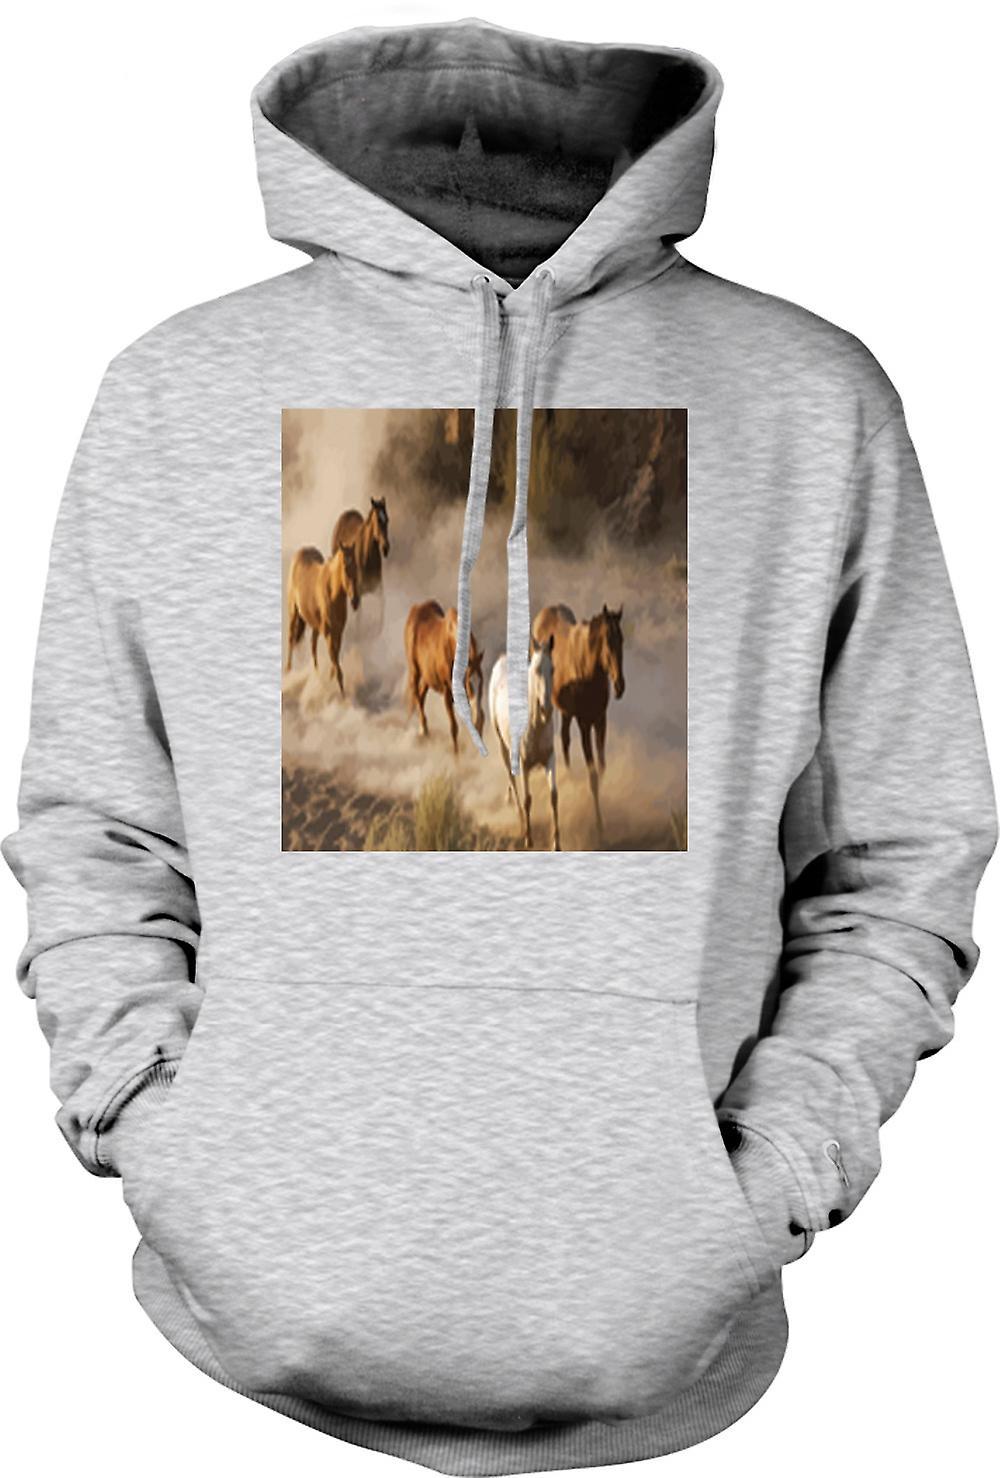 Mens Hoodie - op hol geslagen paarden Prairie Design